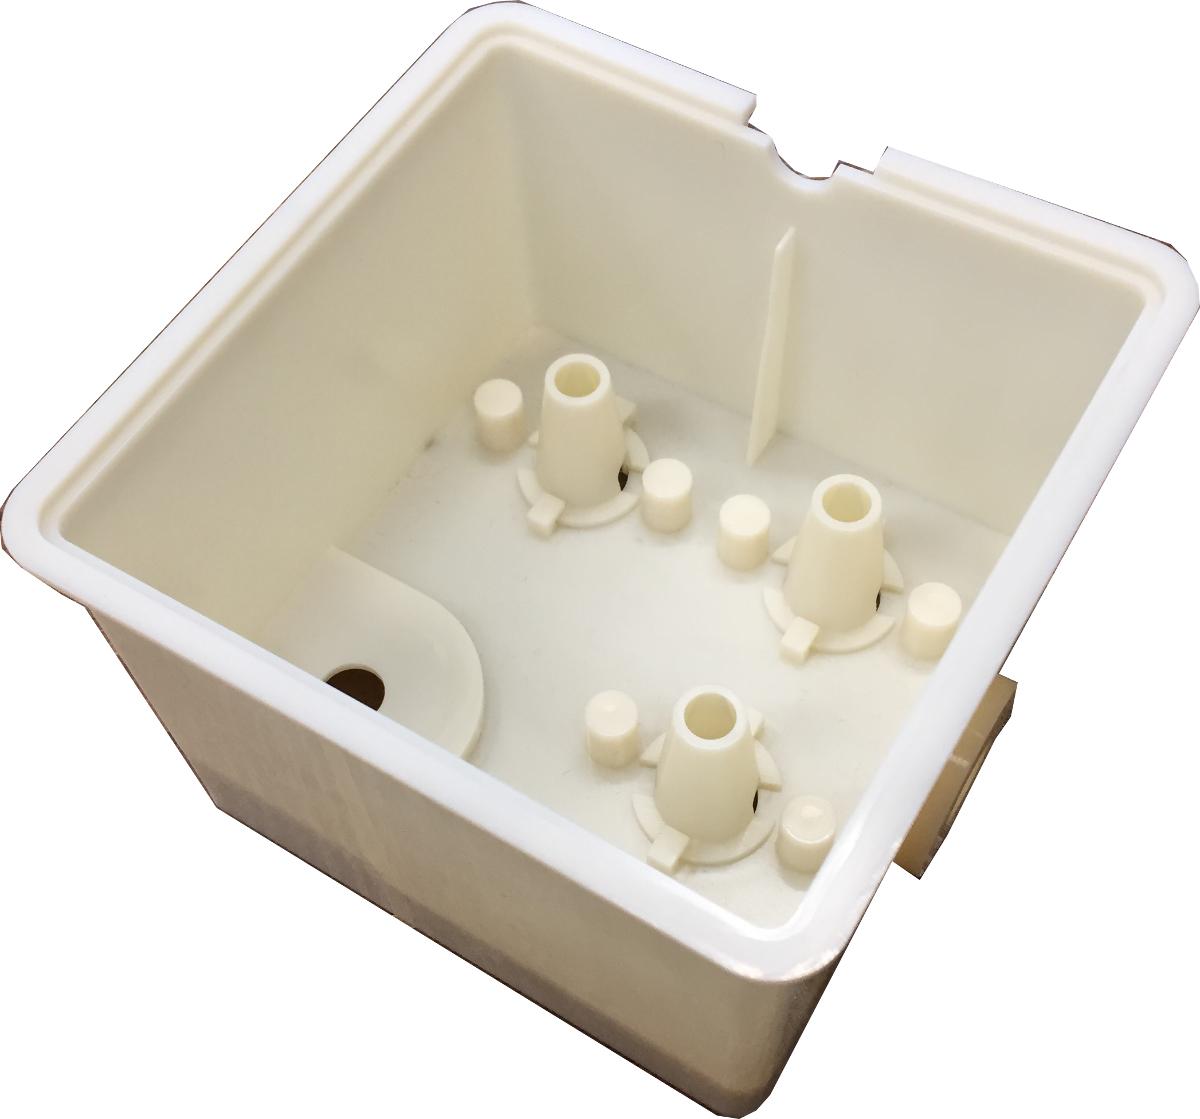 霧化ユニット実験用水槽(UD230水槽)